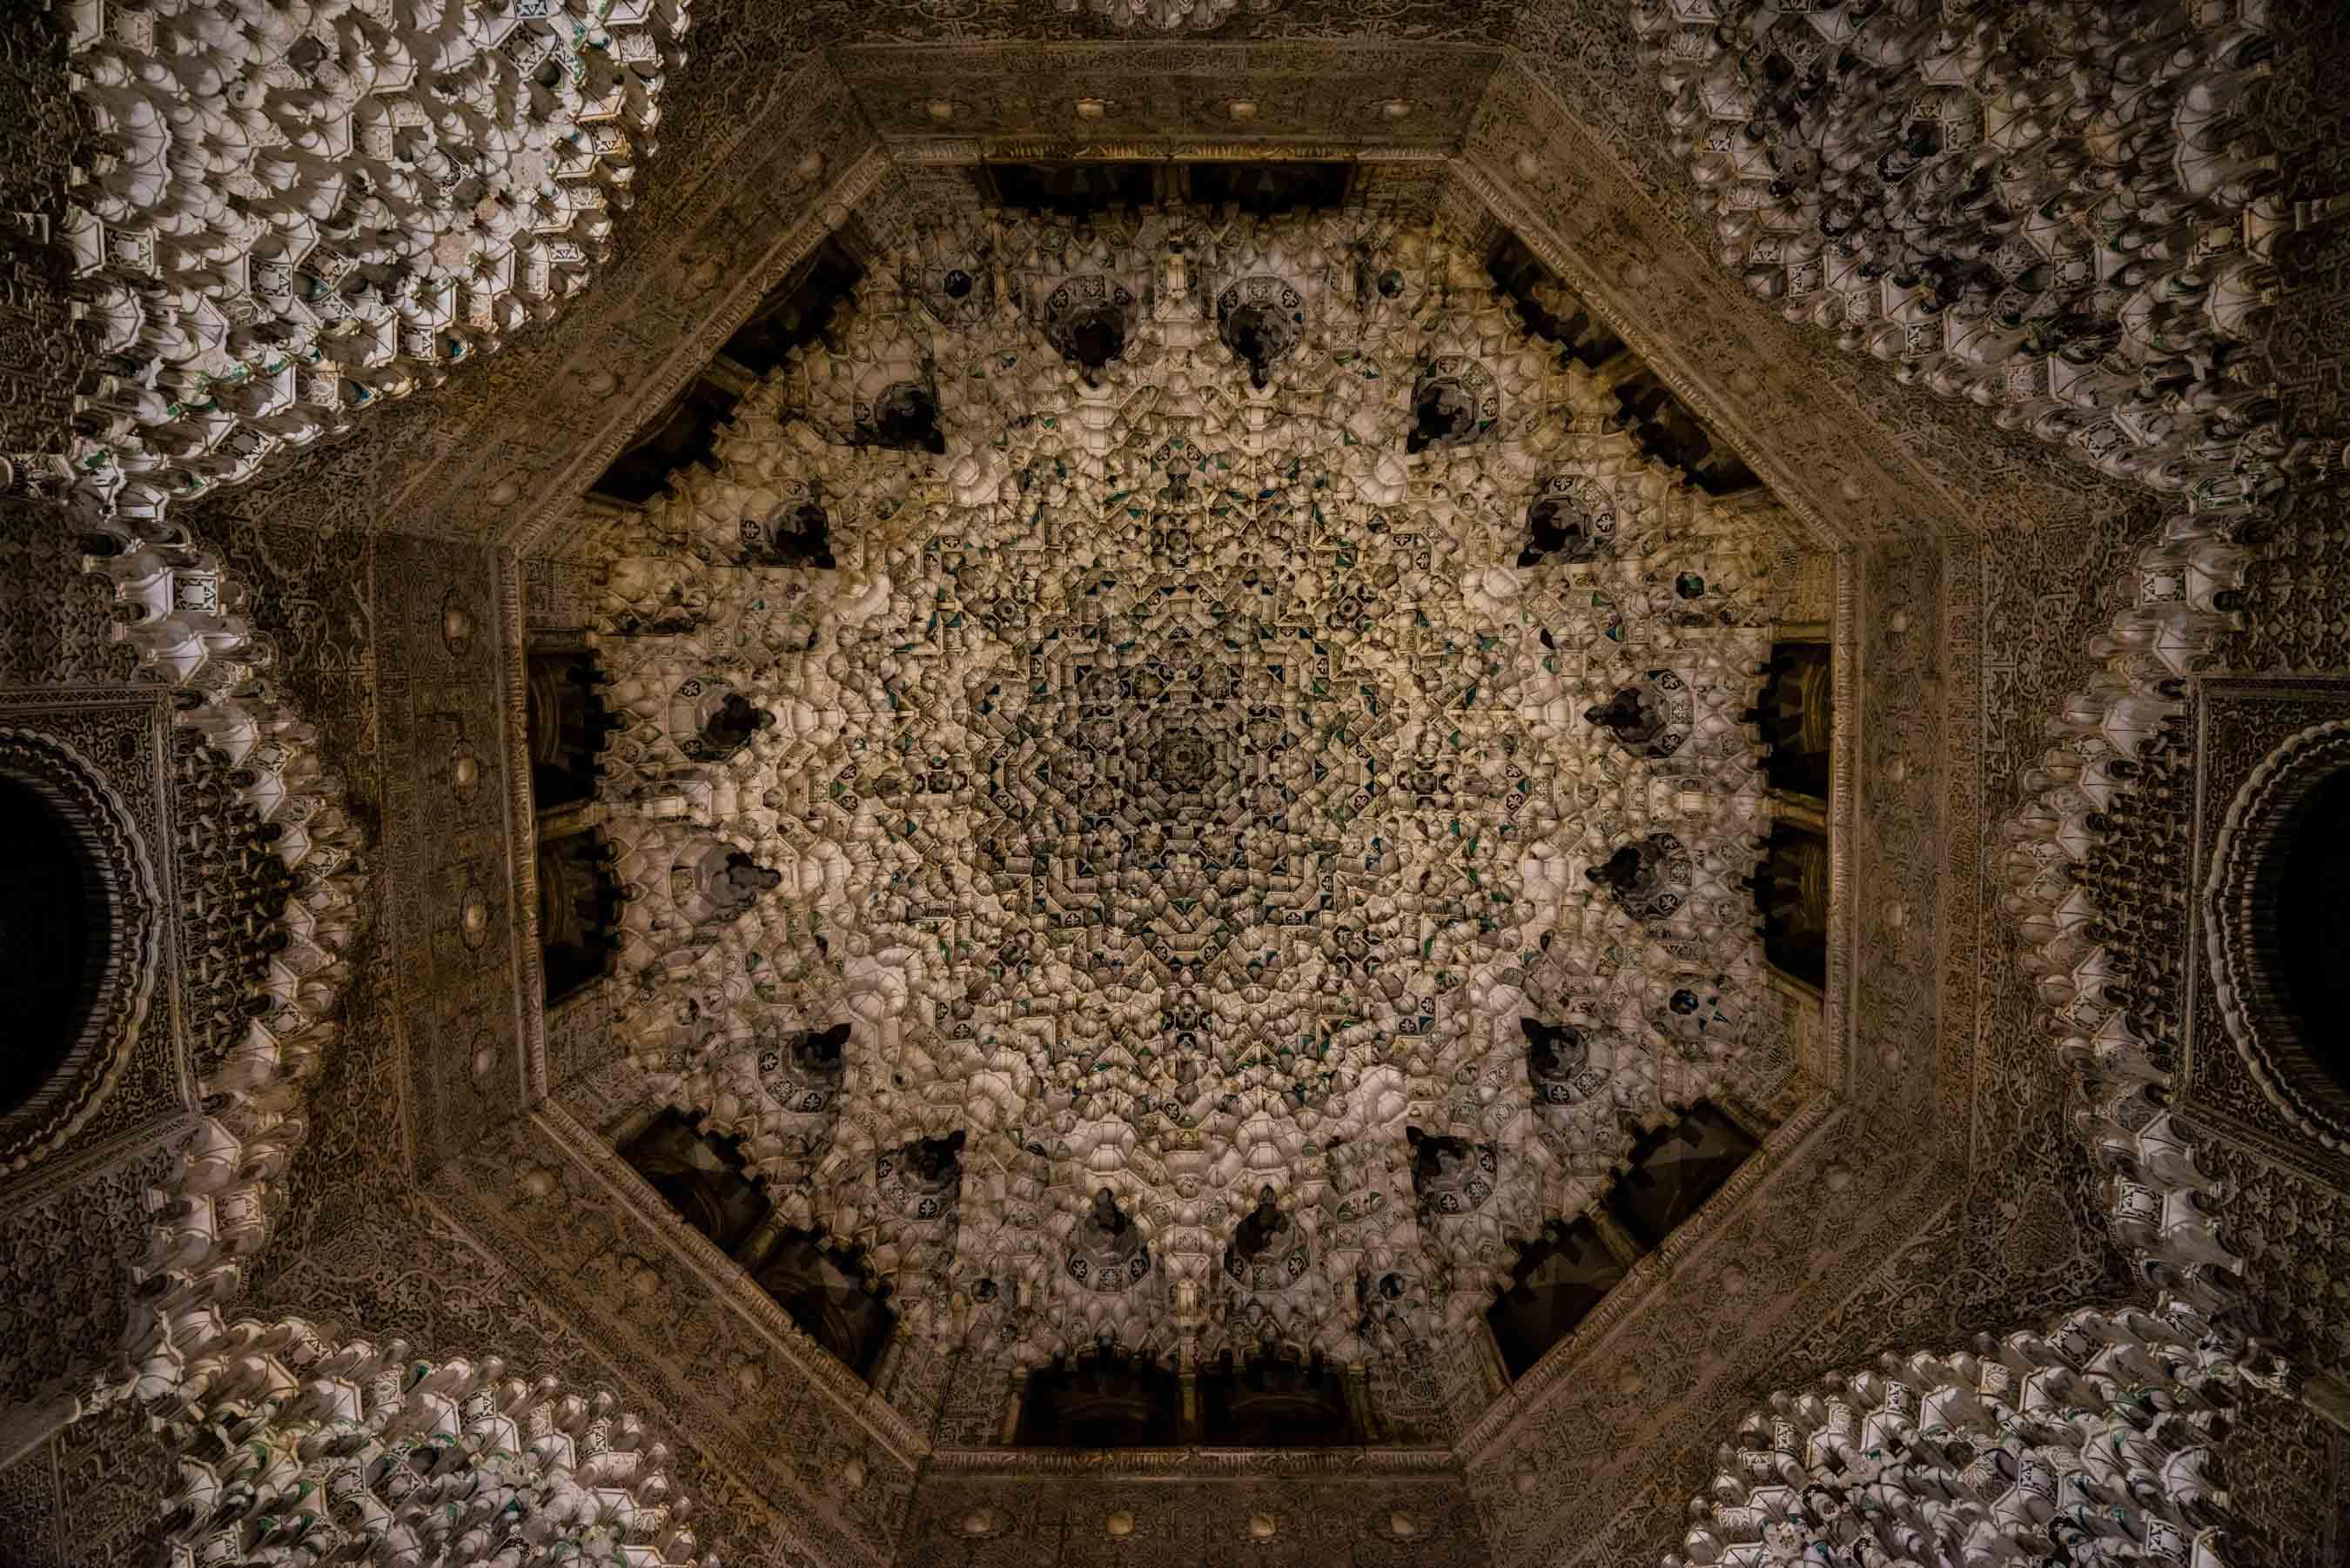 Granada Alhambra - by night - dome